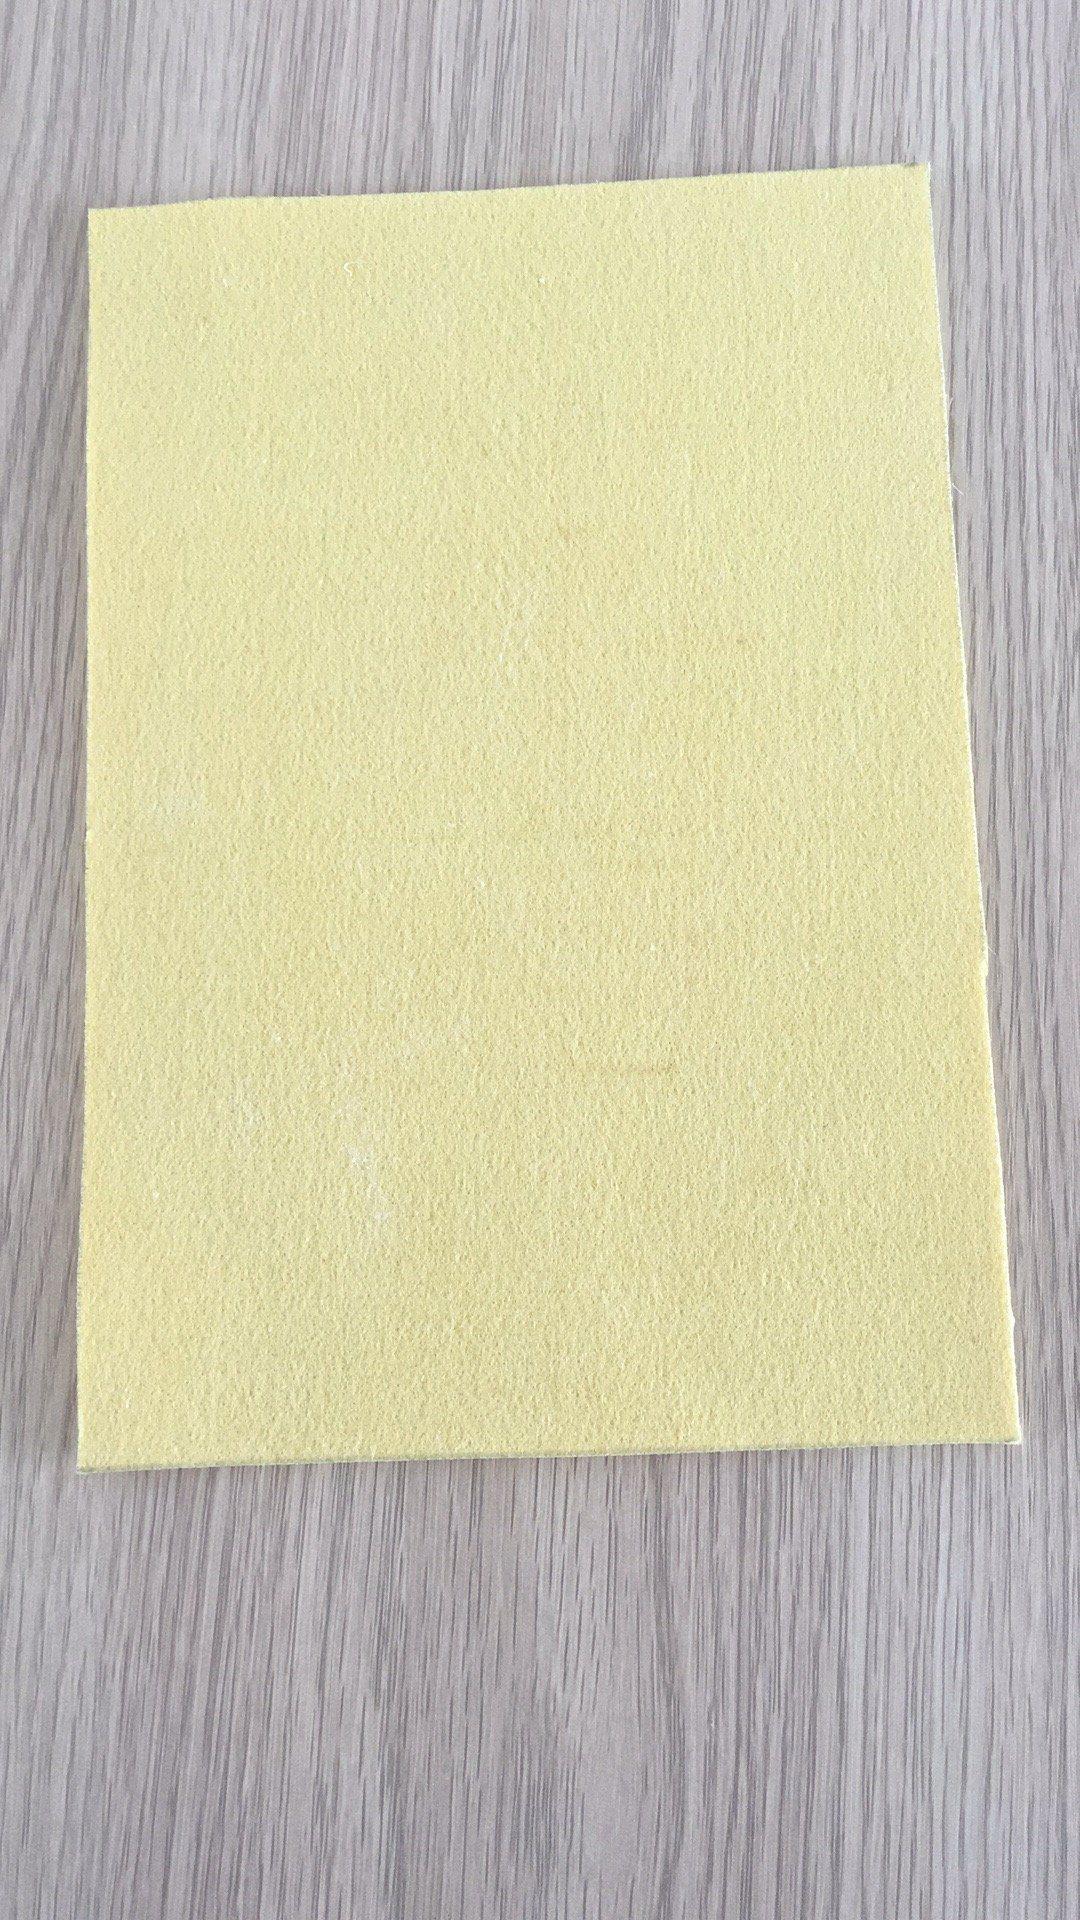 Горячая продажа P84 Non-Woven считает для фильтрации воздуха для сбора пыли